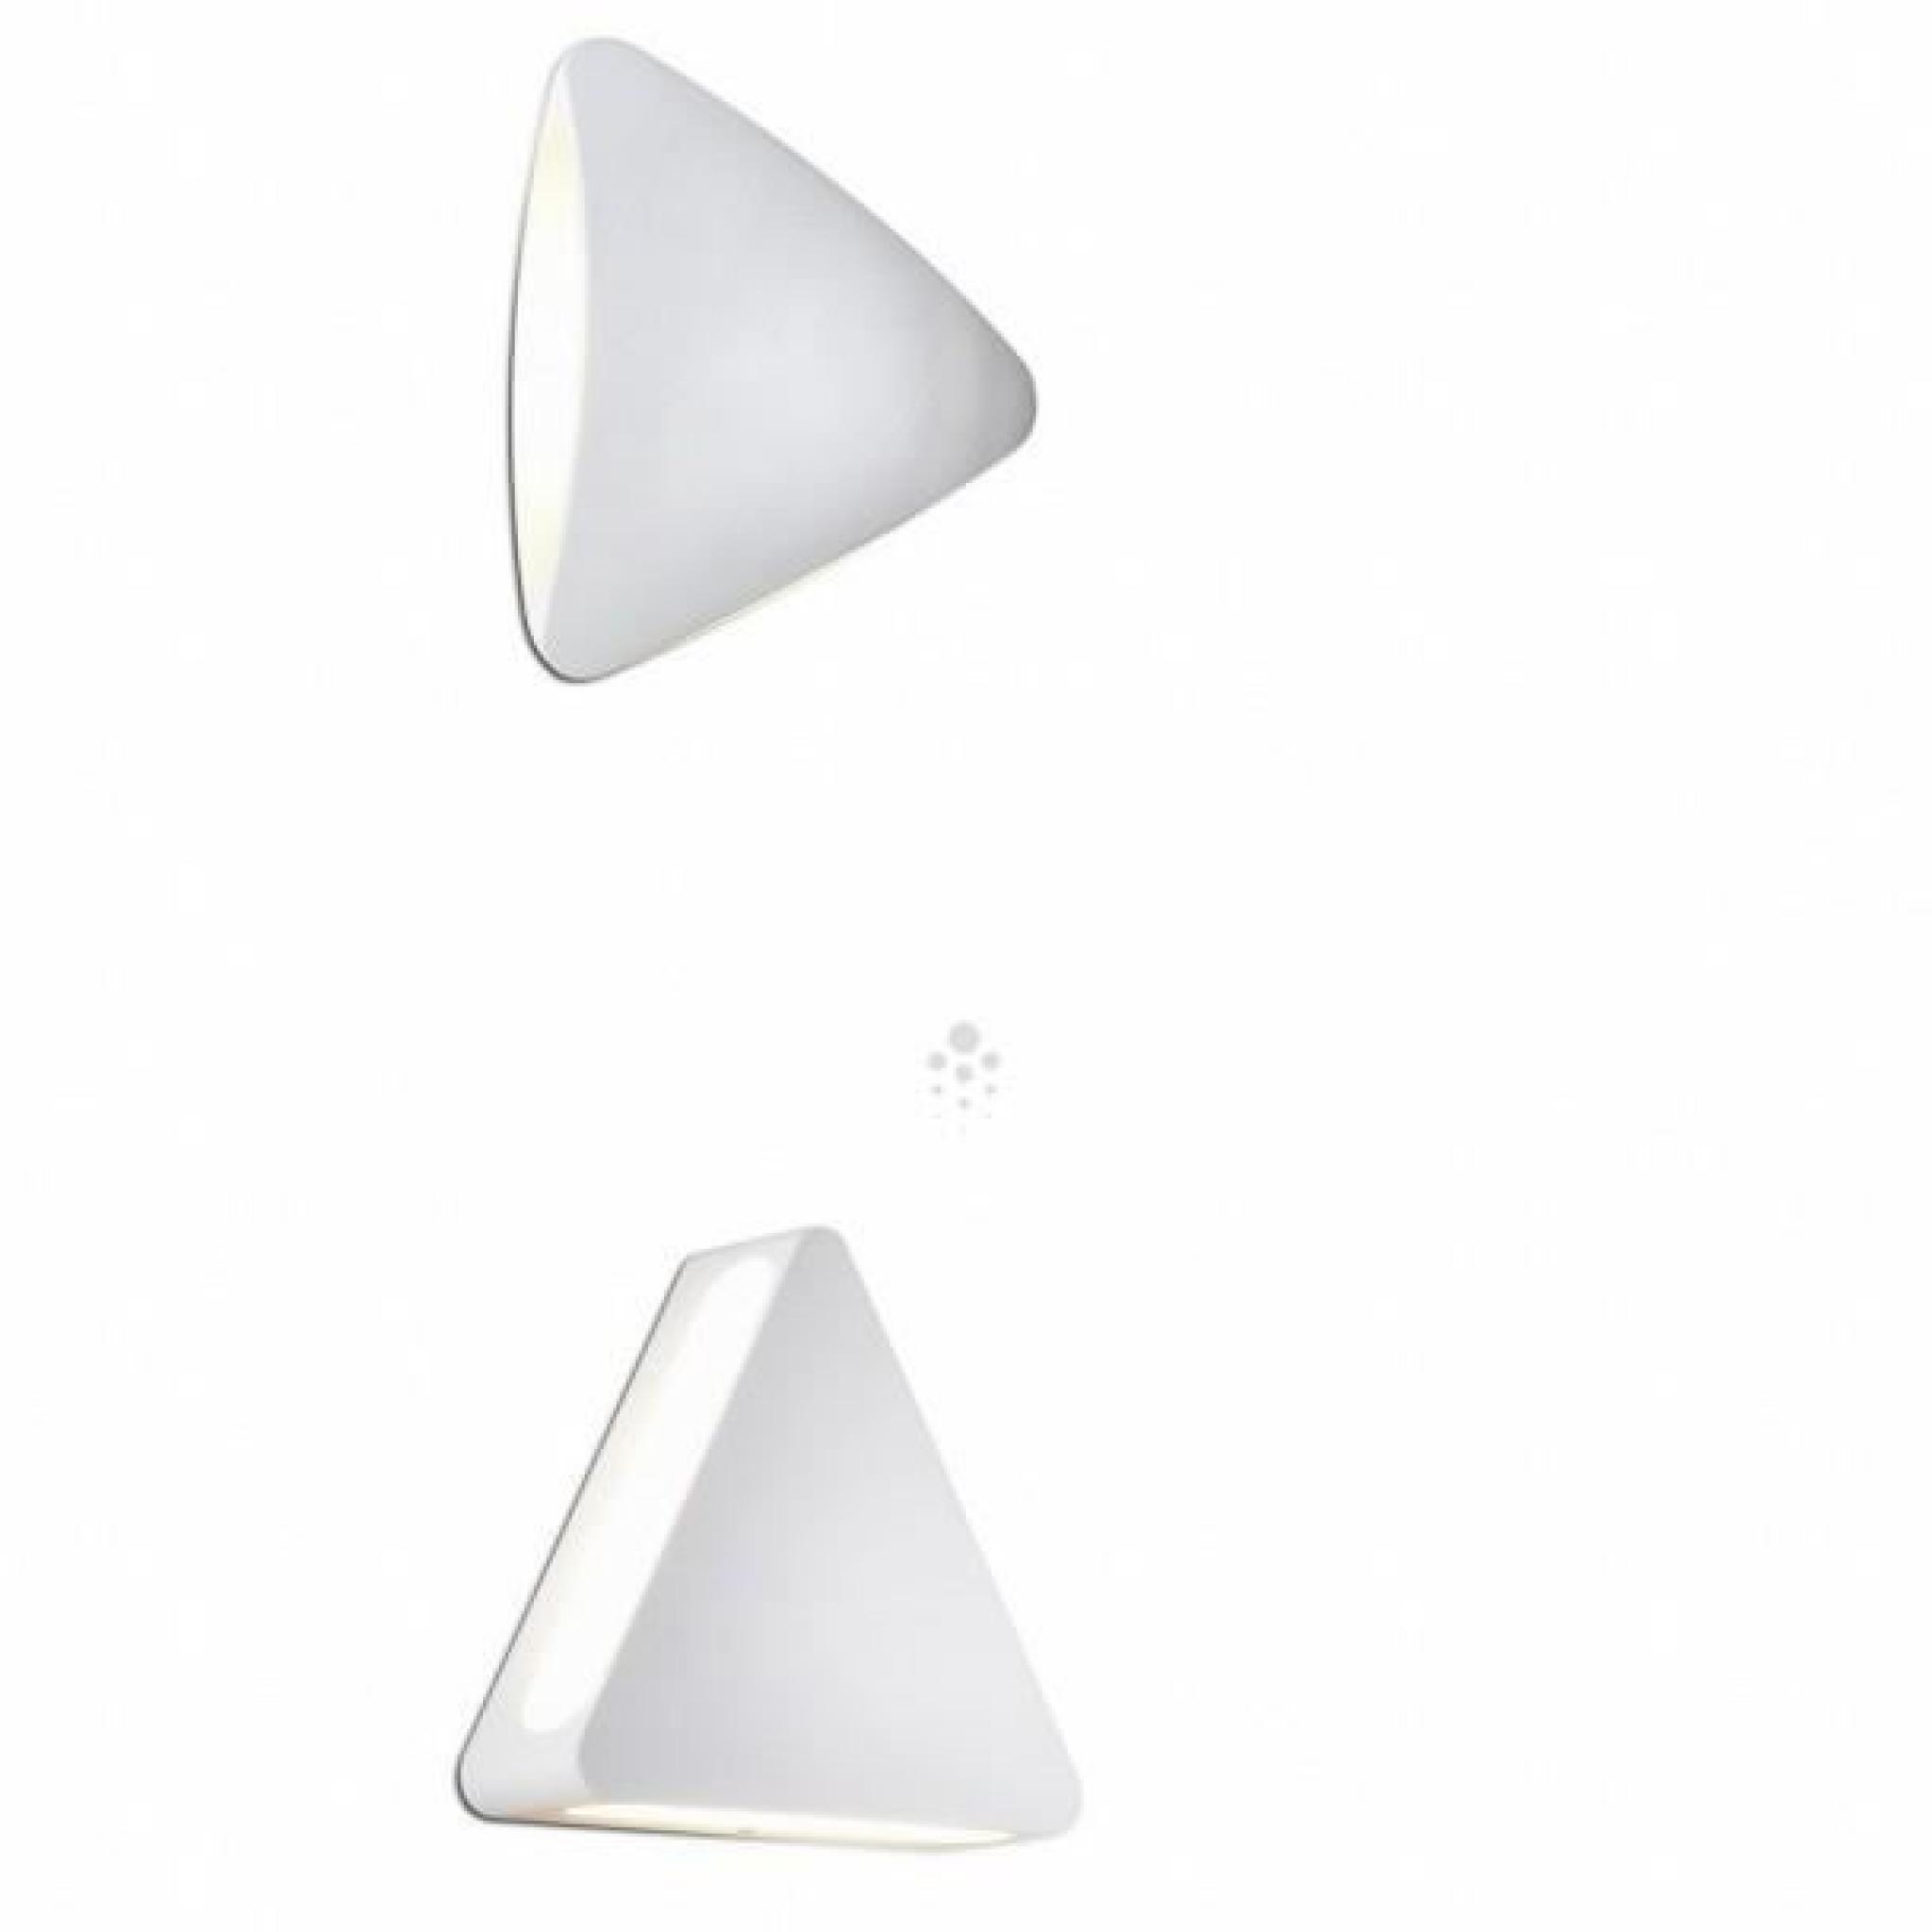 Applique Triangle Design Aluminium Bowa Led Blanche OPwn0k8